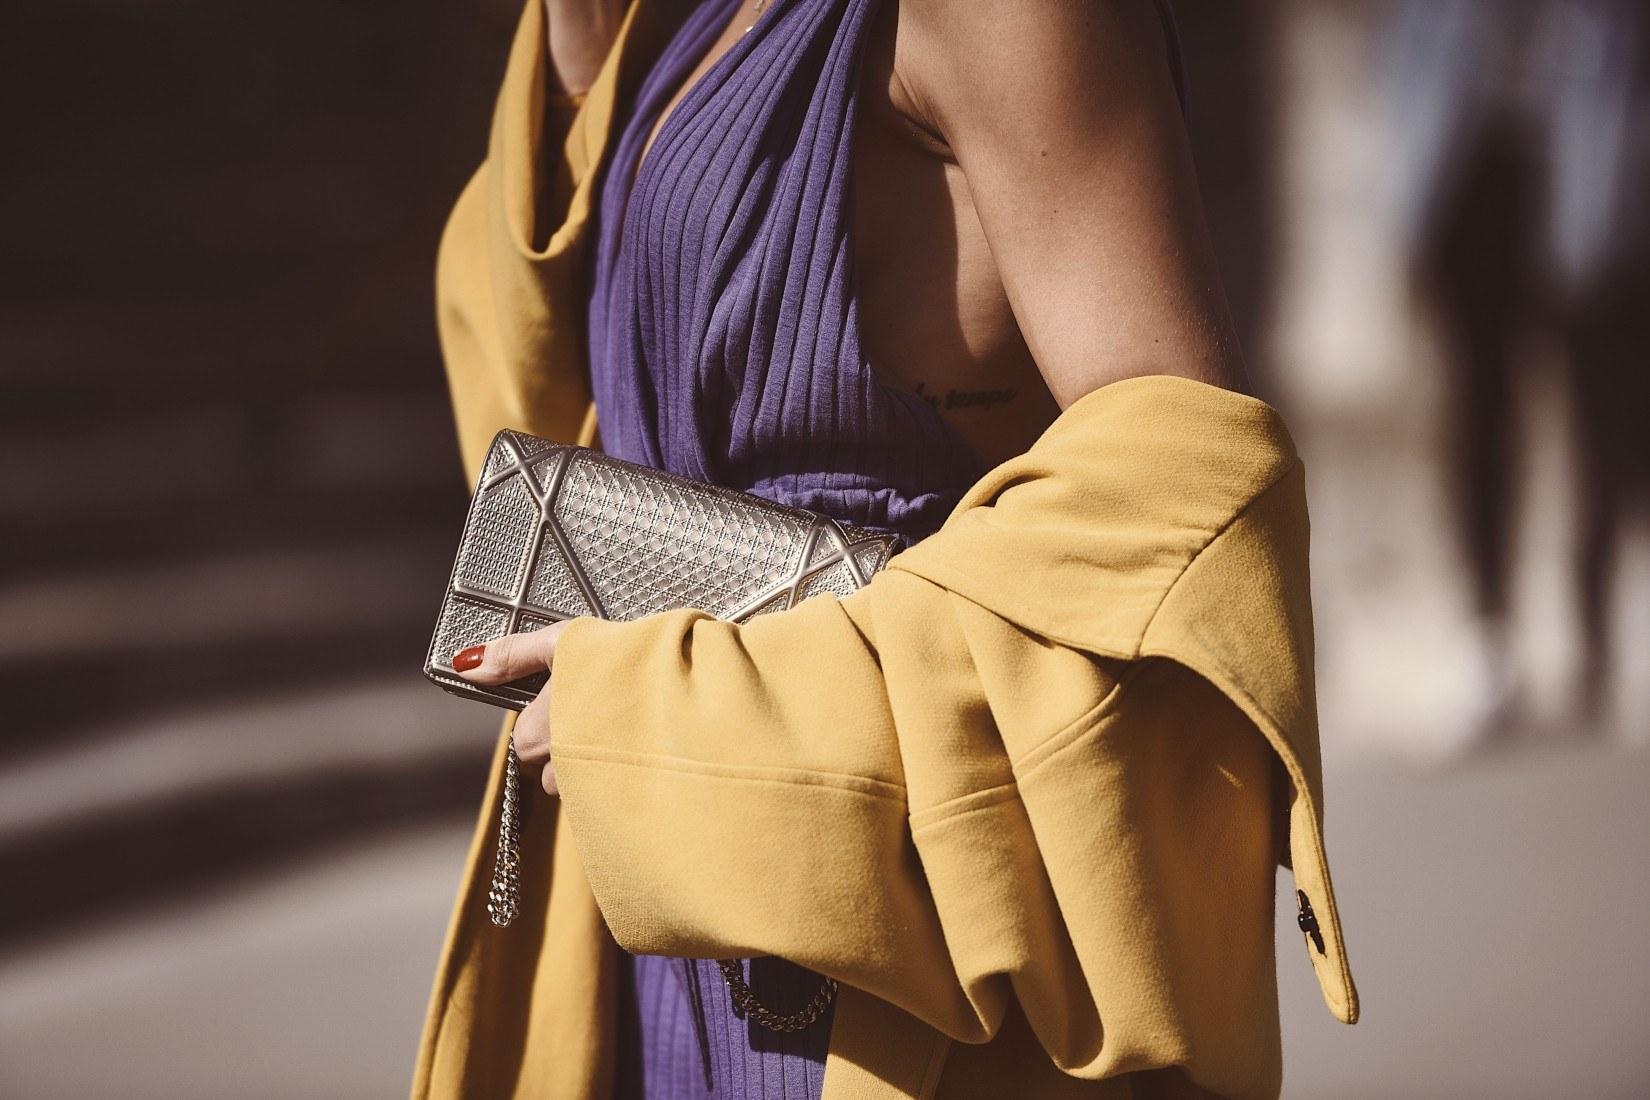 Tendance color block en mode : jaune et violet